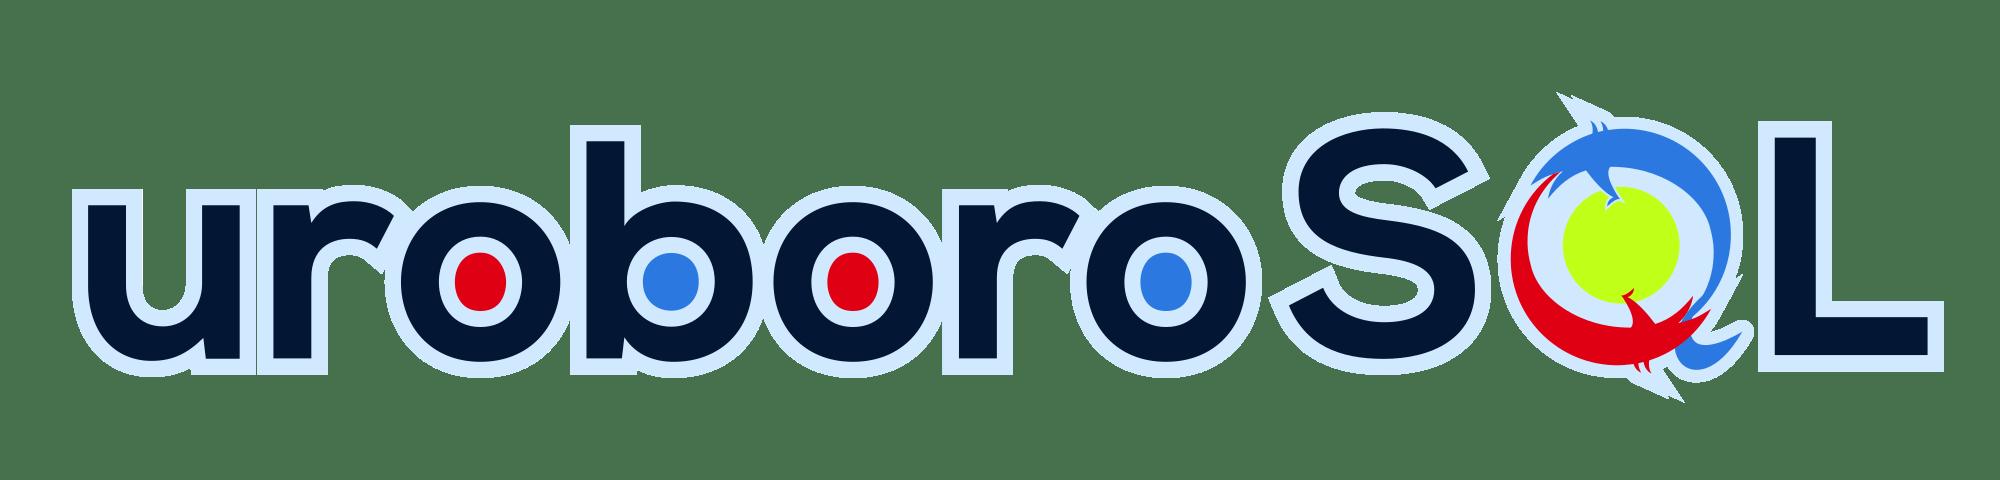 uroboroSQL